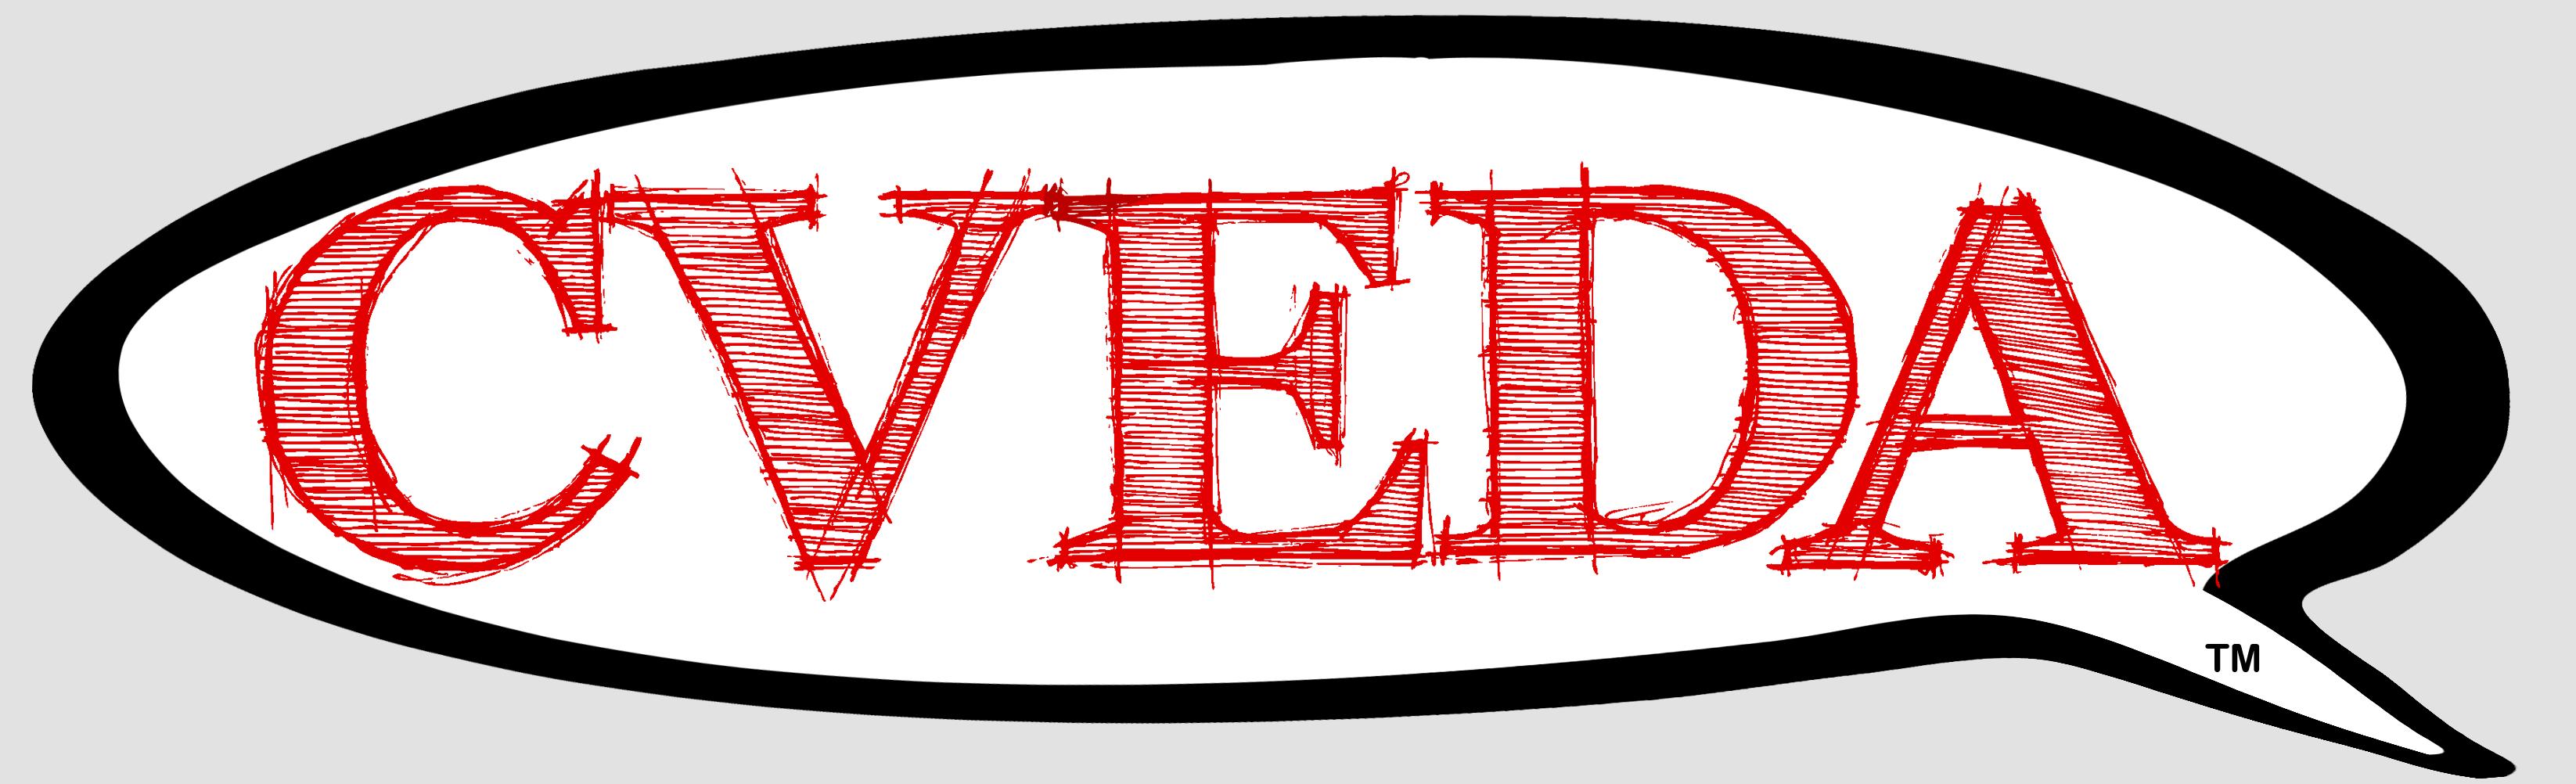 CVEDA logo